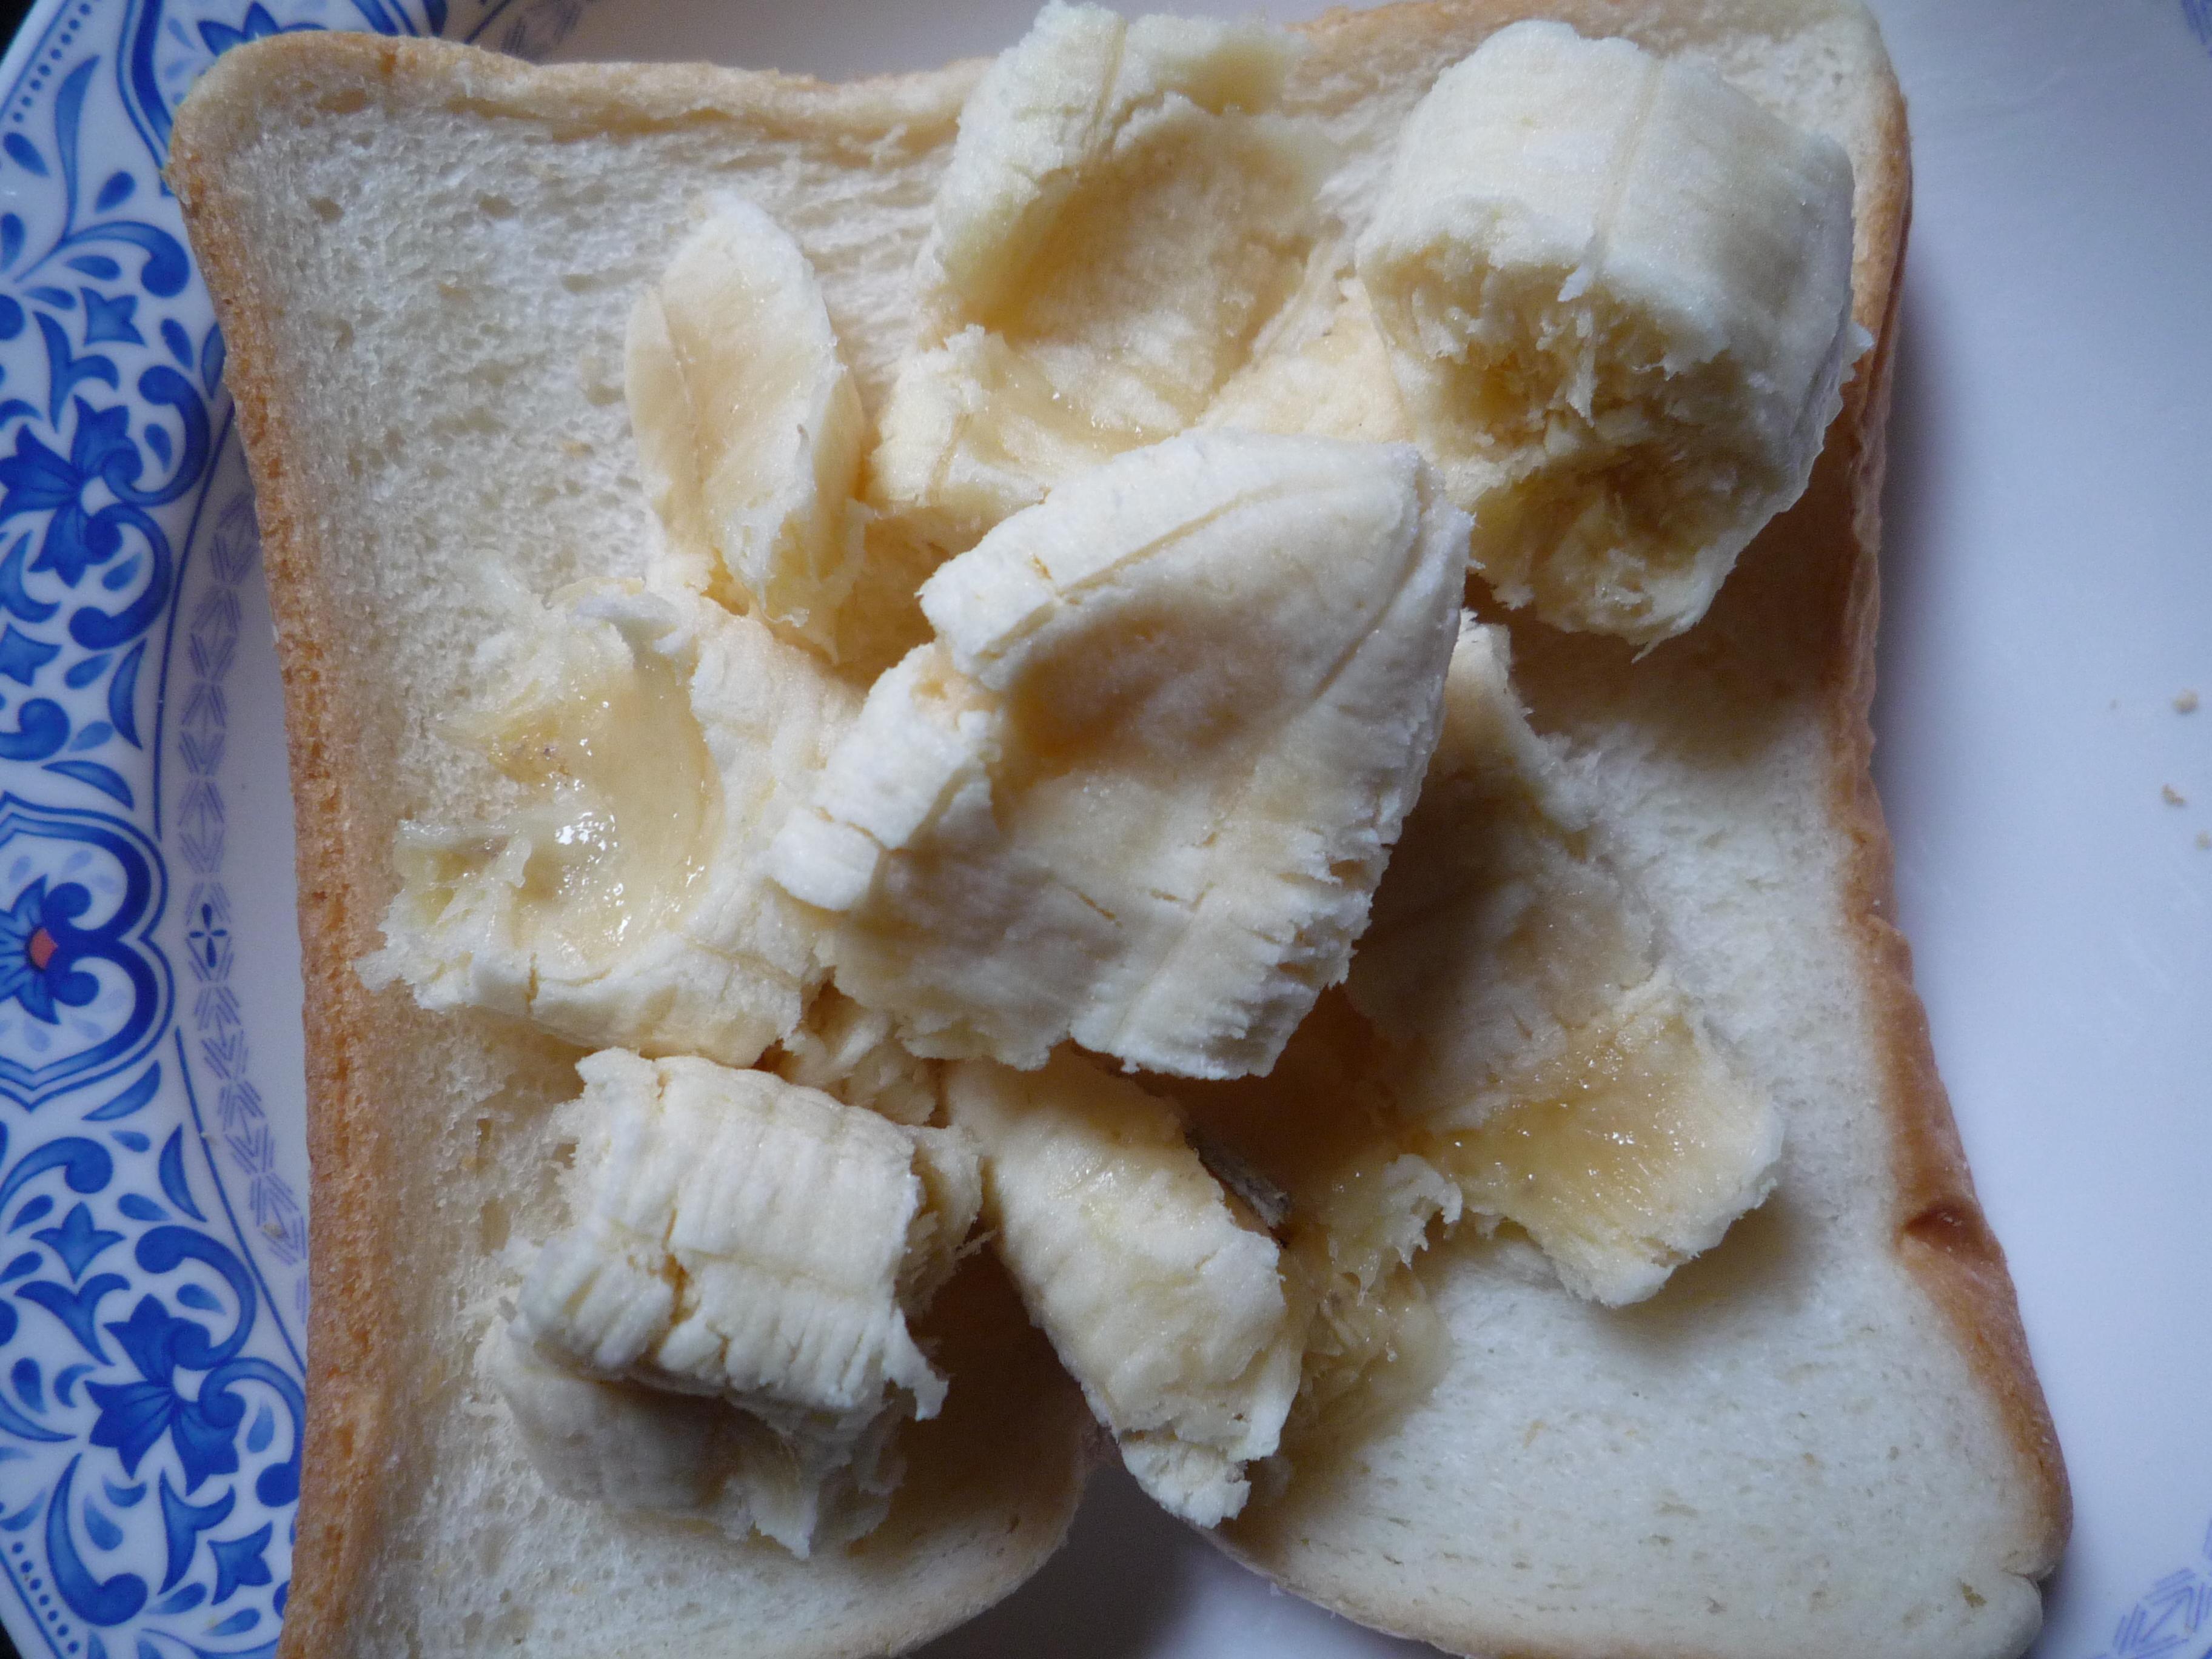 ピーナッツバターとバナナのグリルドサンドイッチ イチゴジャム入り04